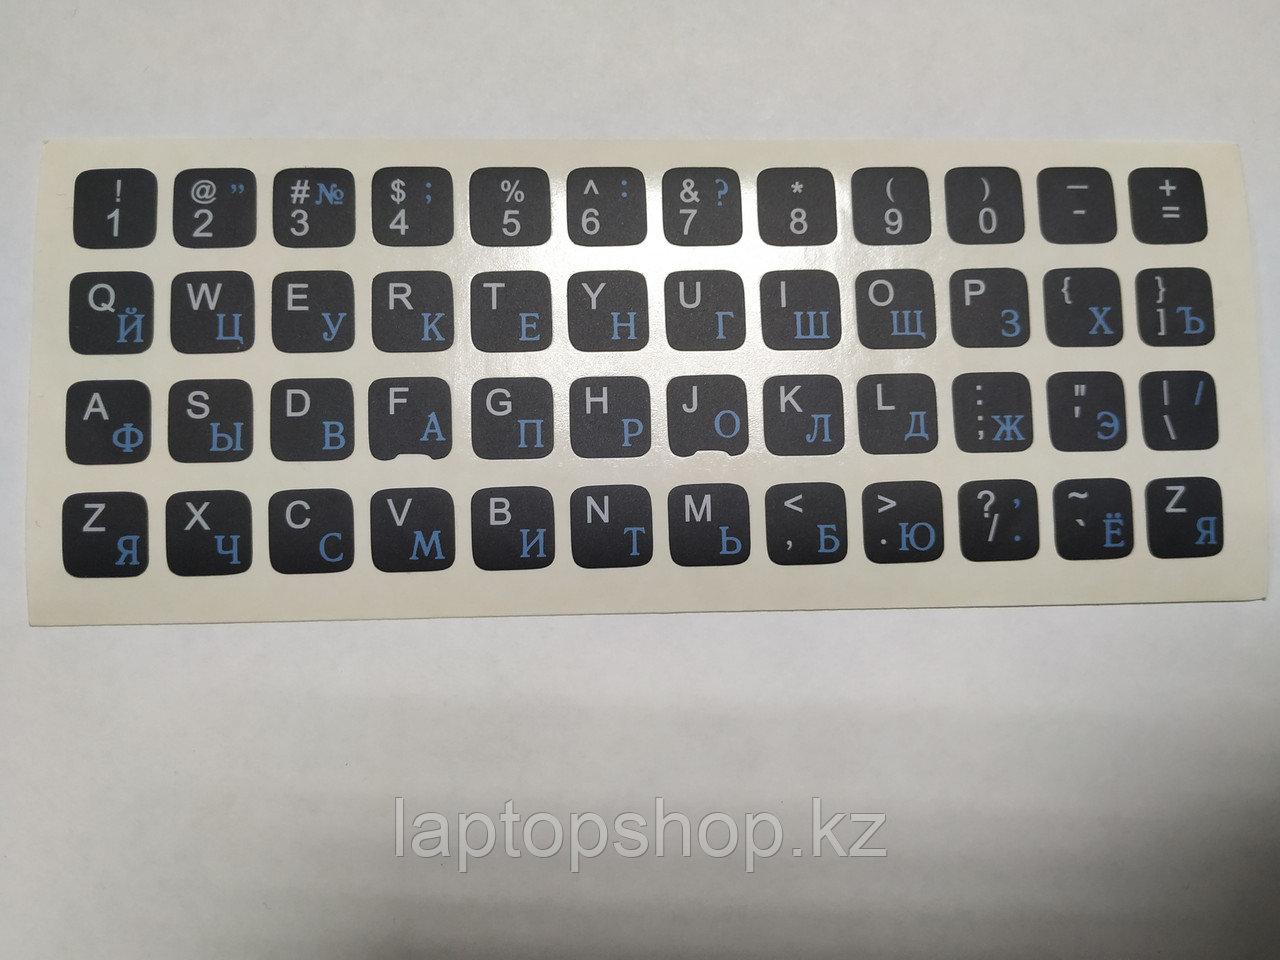 Наклейки на клавиатуру нетбуков нестираемые (краска ПОД ПЛЕНКОЙ) черный фон